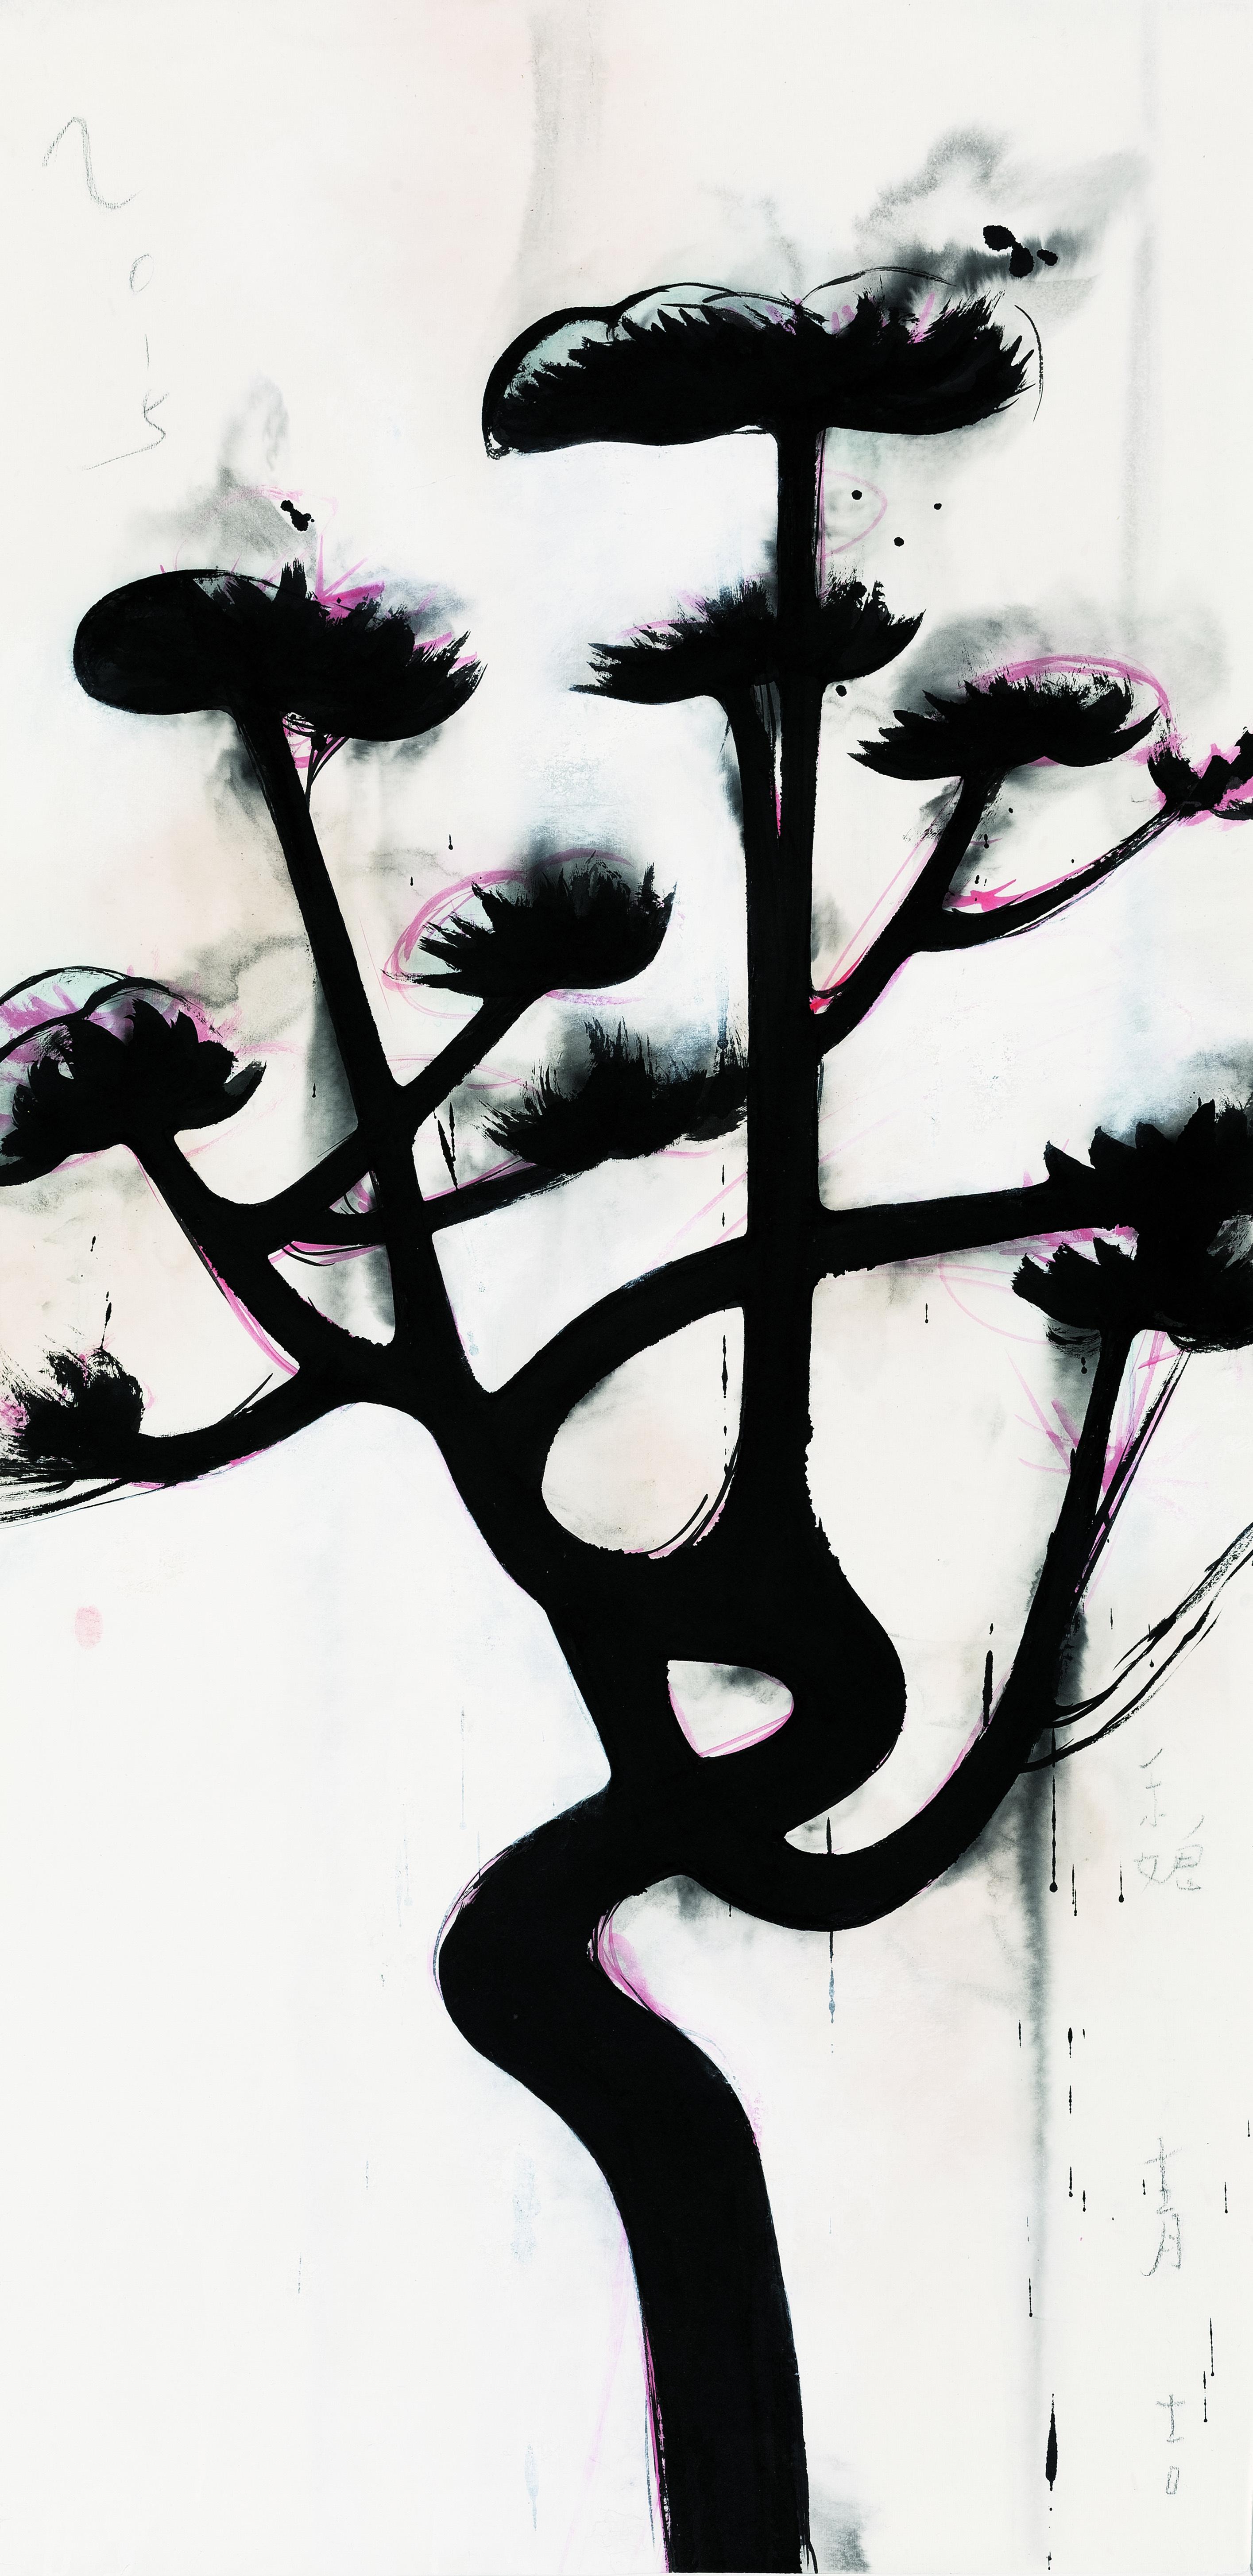 松之二 Pine 2 136×70cm 宣紙水墨 Ink on Xuen